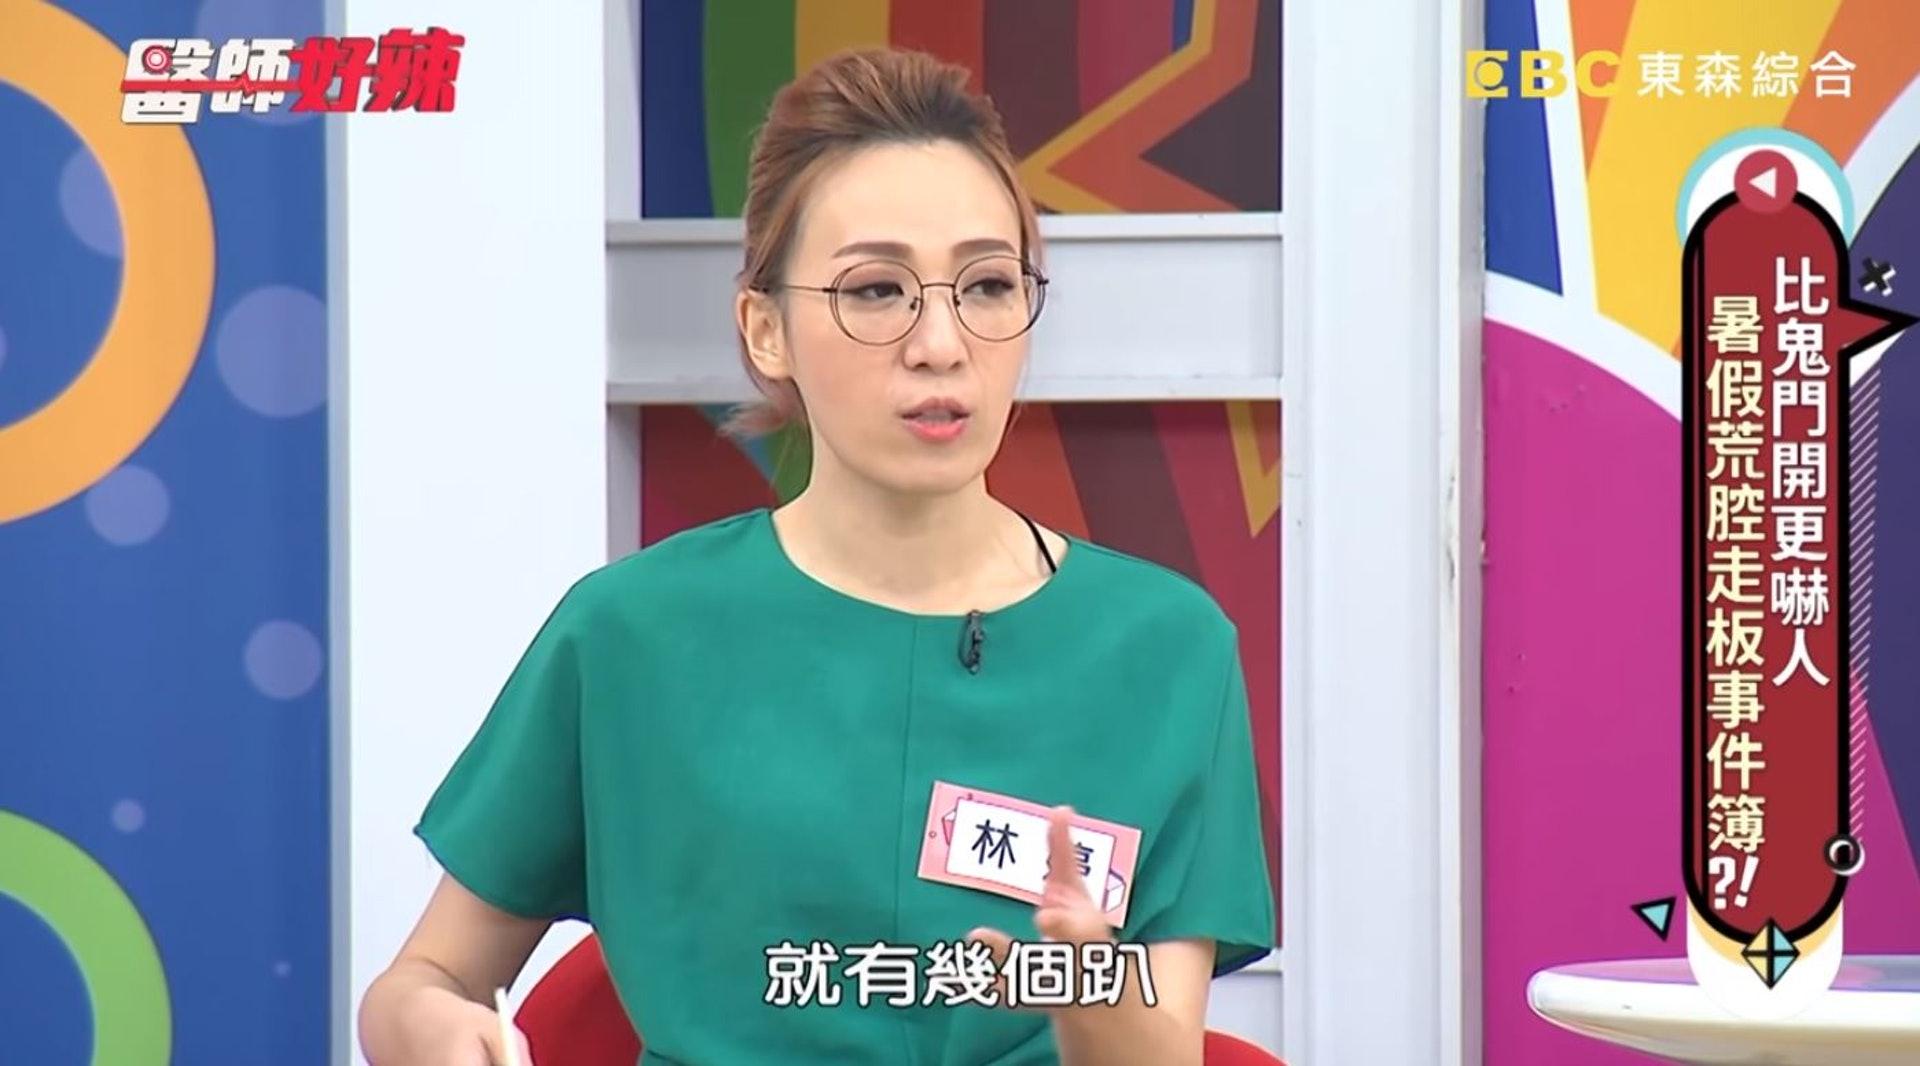 台灣護理師林婷指出,現在網路媒介太盛行,許多年輕人趁著暑假狂約PARTY。(《醫師好辣》截圖)